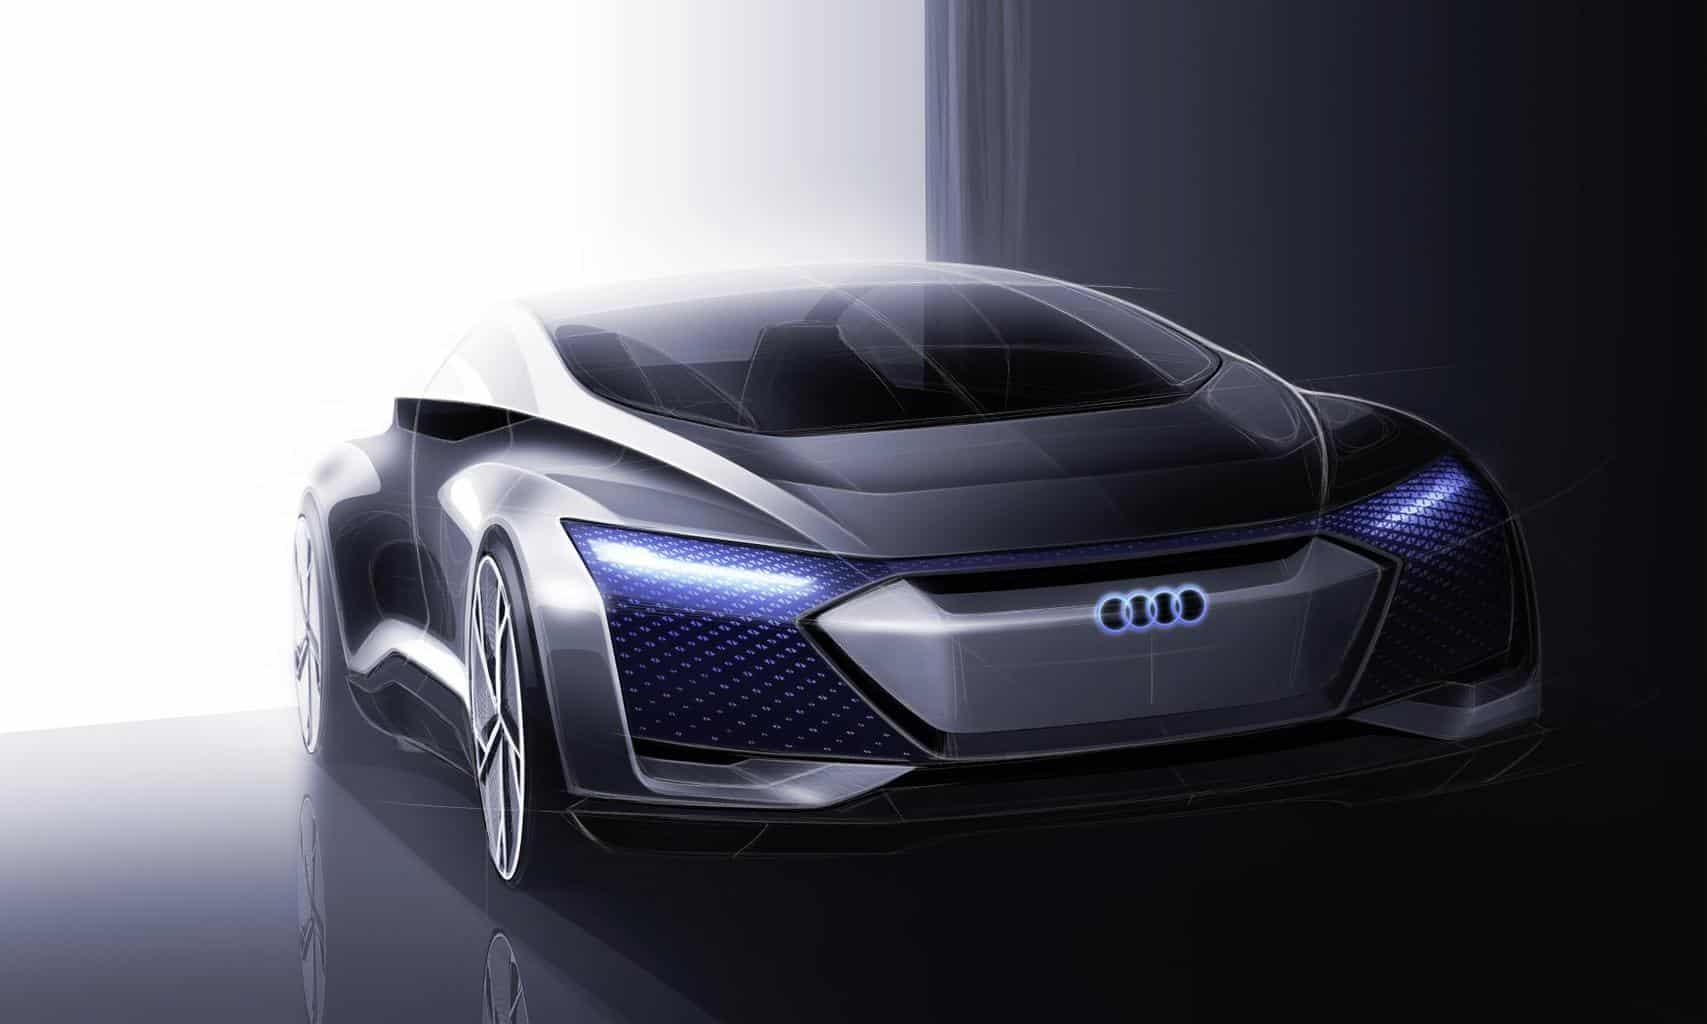 """VW bringt Tesla-Jäger """"Landjet"""" unter Führung von Audi an den Start"""